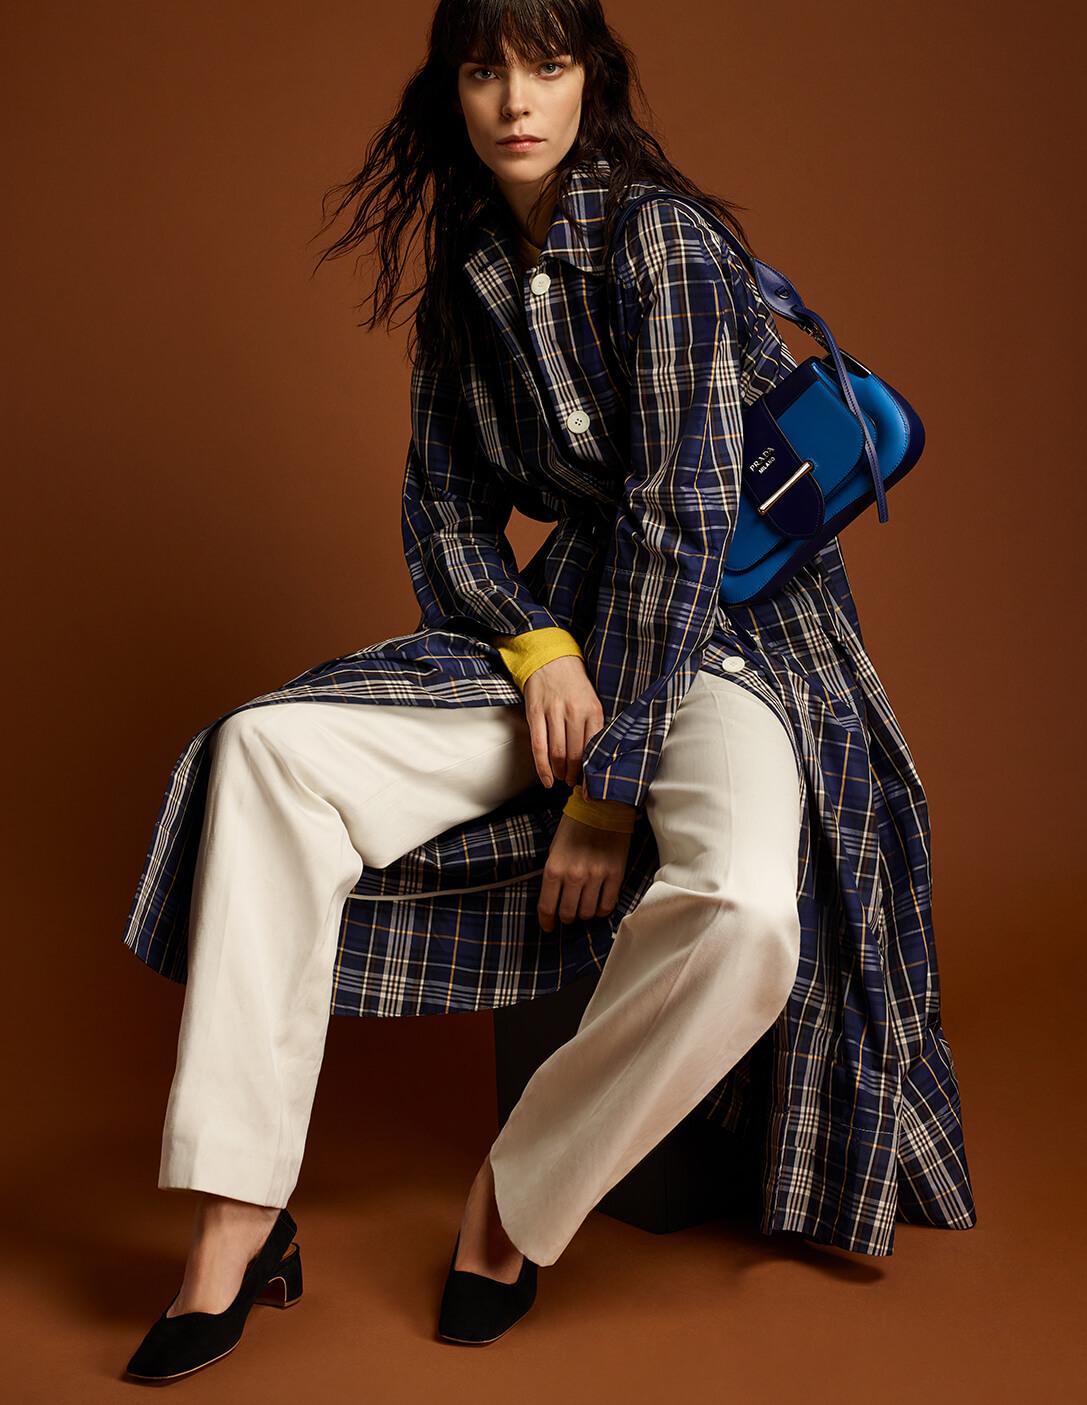 Prada model with plaid coat